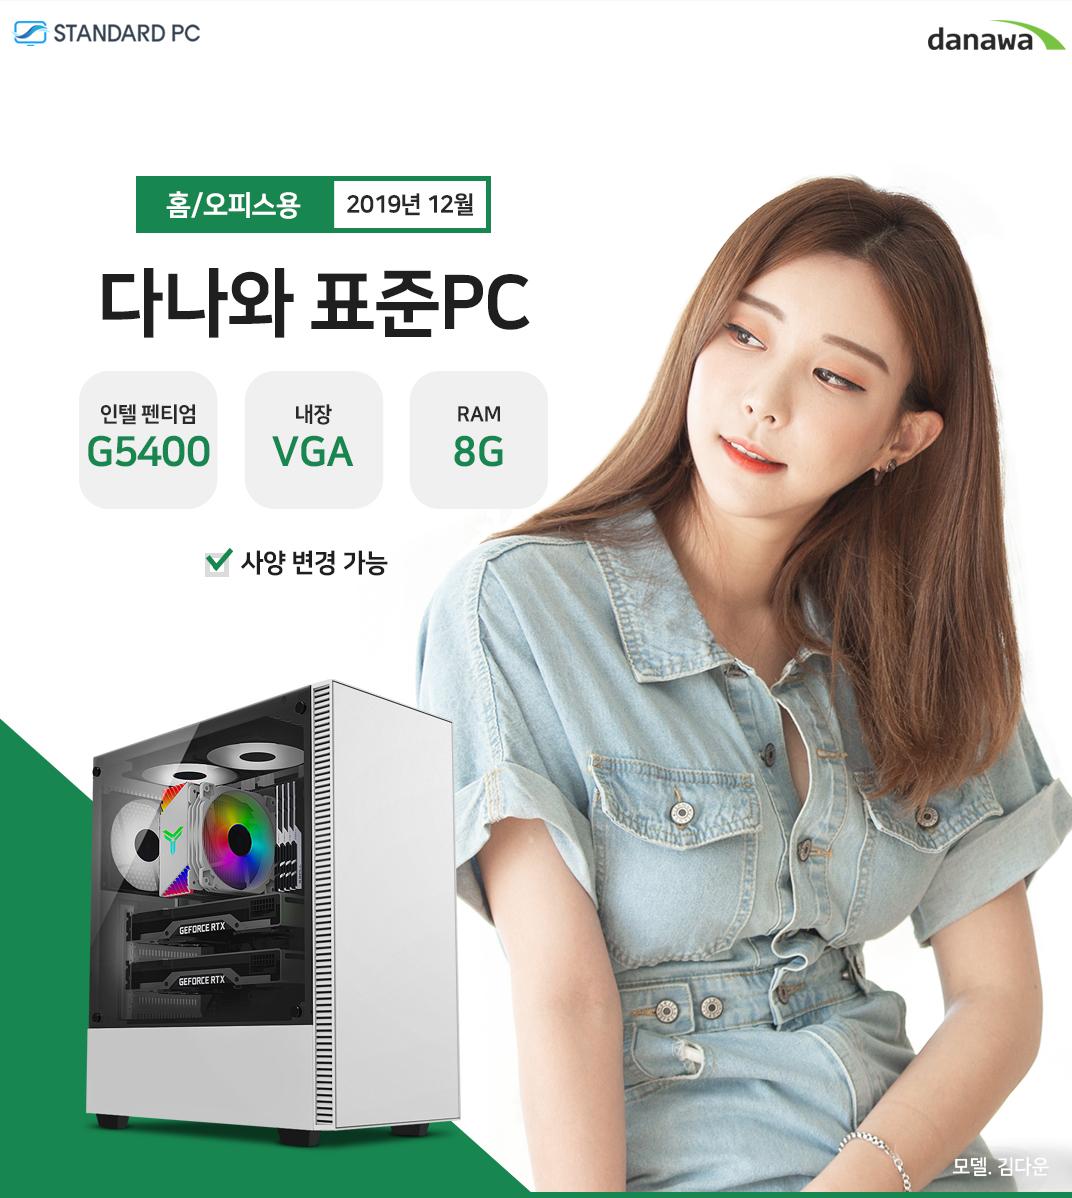 2019년 12월 다나와 표준PC 홈/오피스용 인텔 펜티엄 골드 G5400 내장 VGA RAM 4G 모델 김다운